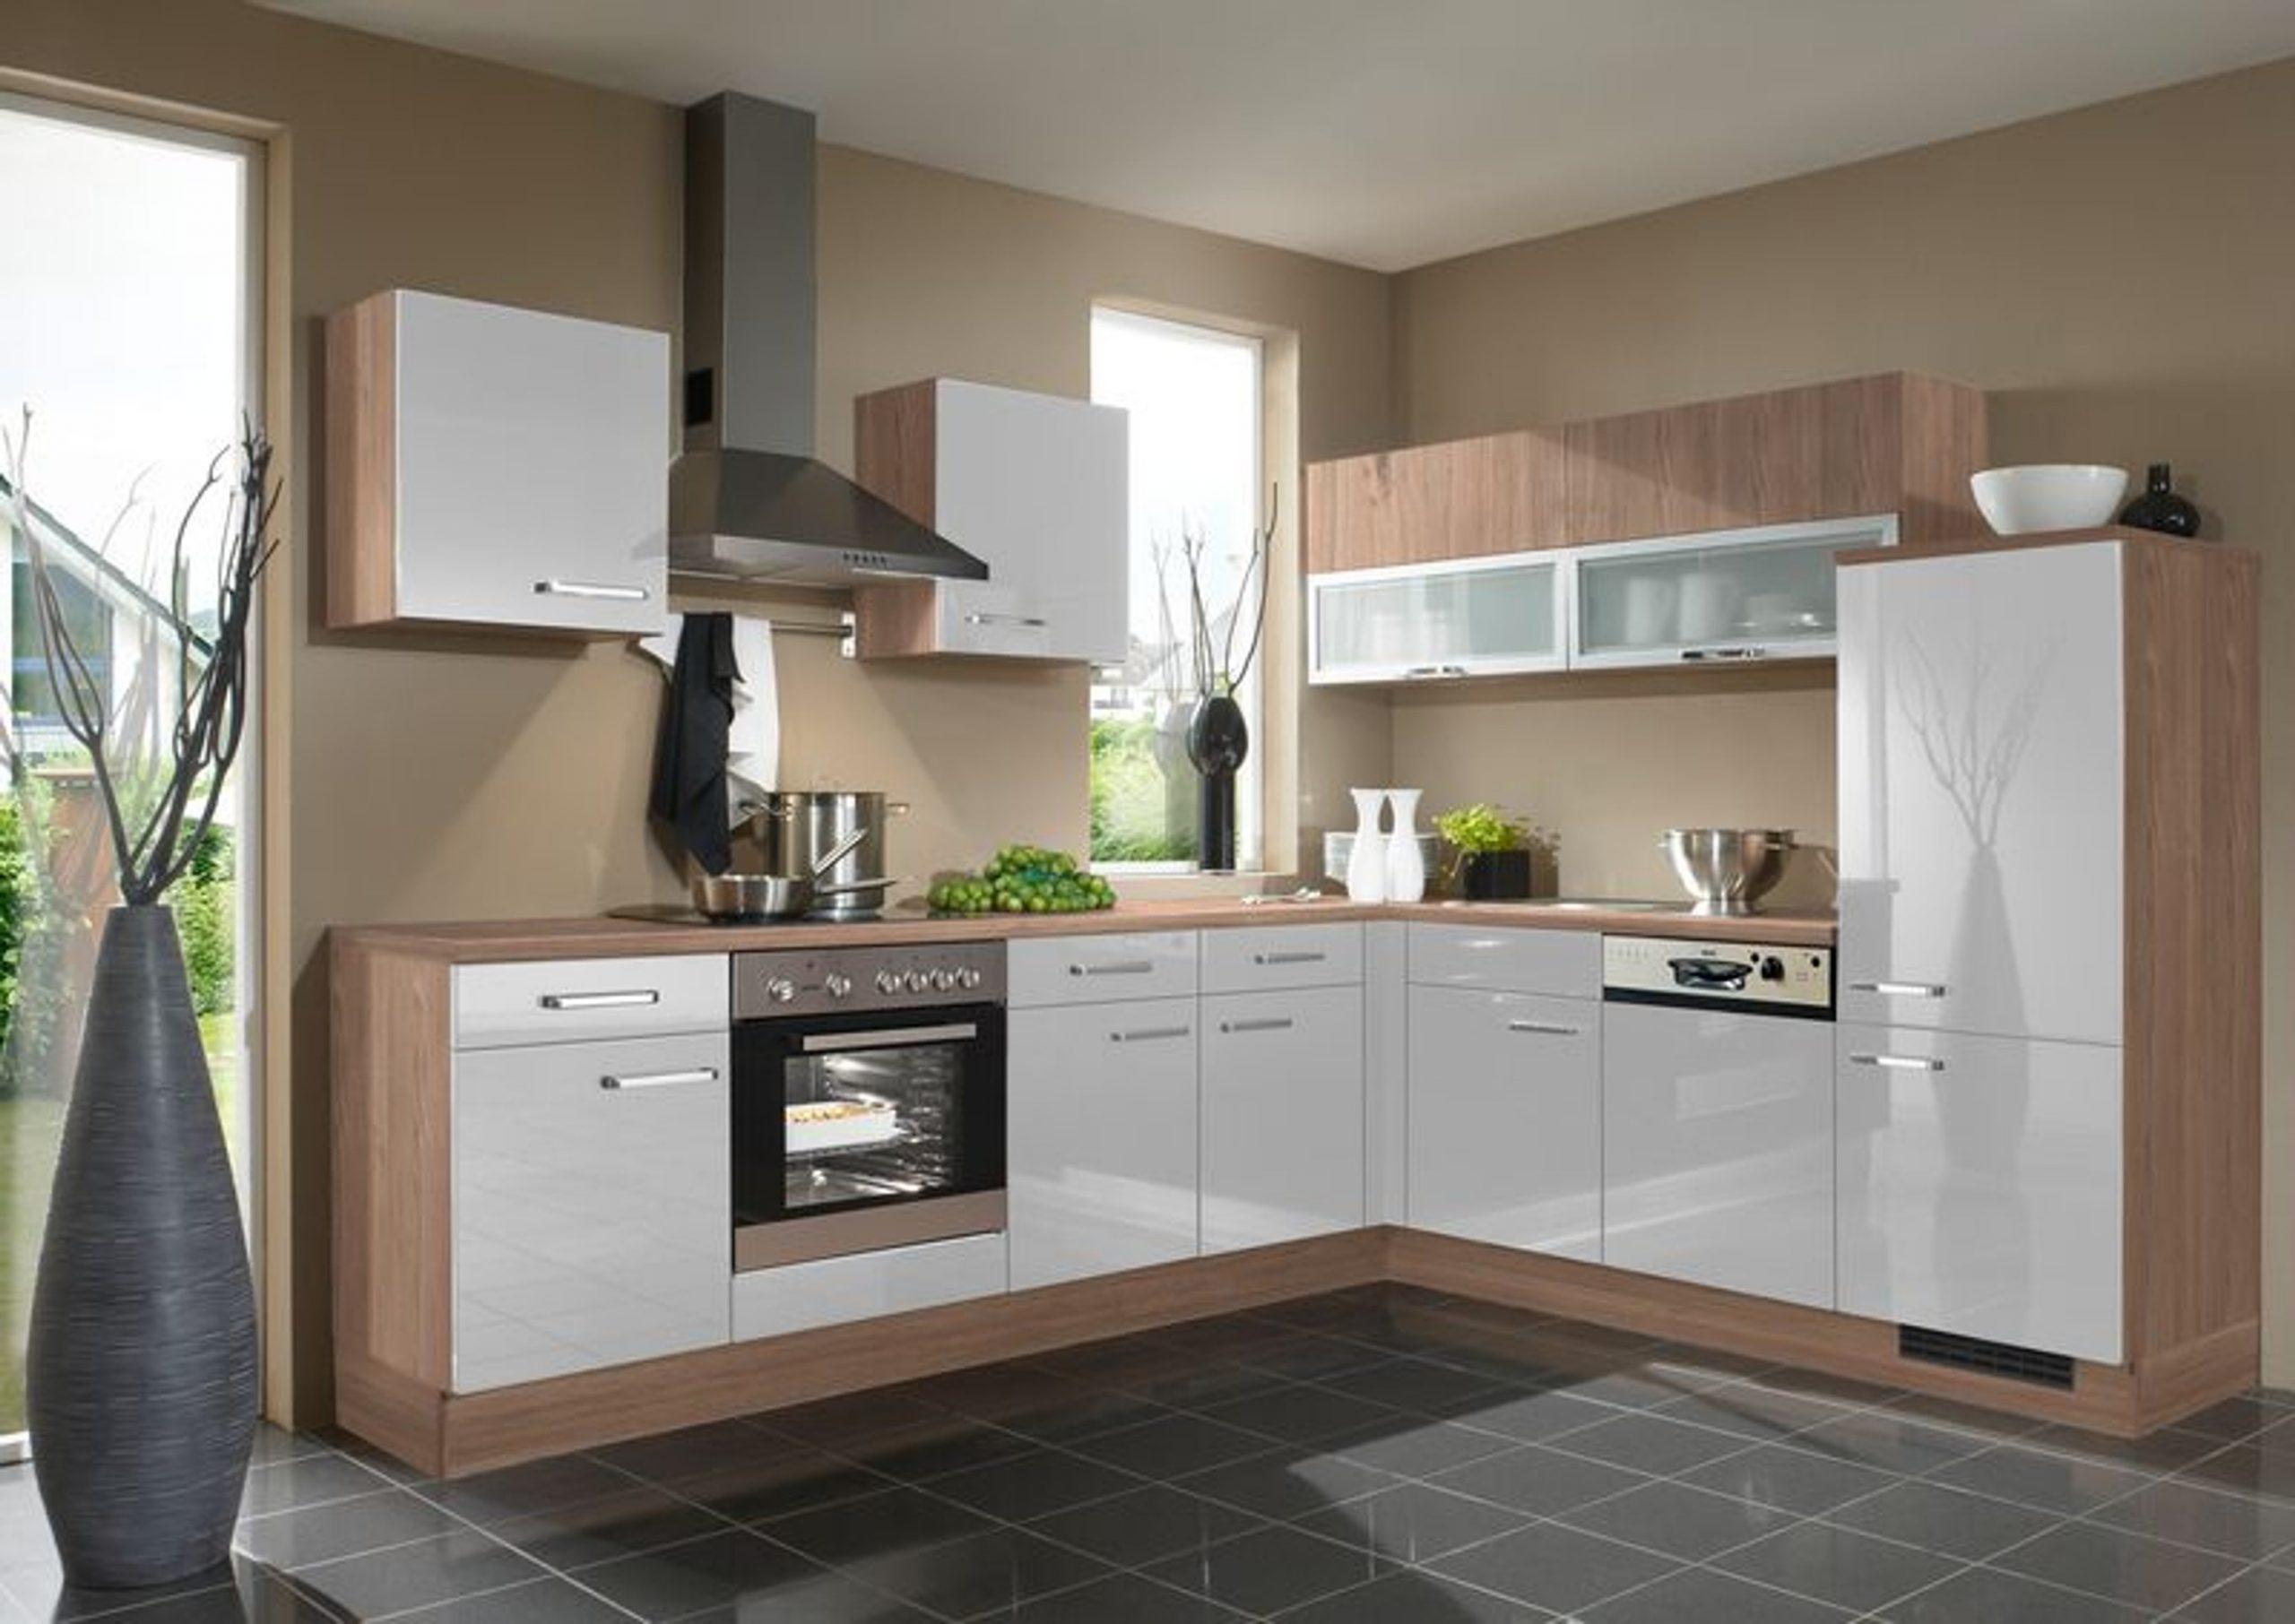 Full Size of Einbauküche L Form Kaufen Einbauküche L Form Mit Geräten Einbauküche L Form Günstig Einbauküche L Form Gebraucht Küche Einbauküche L Form